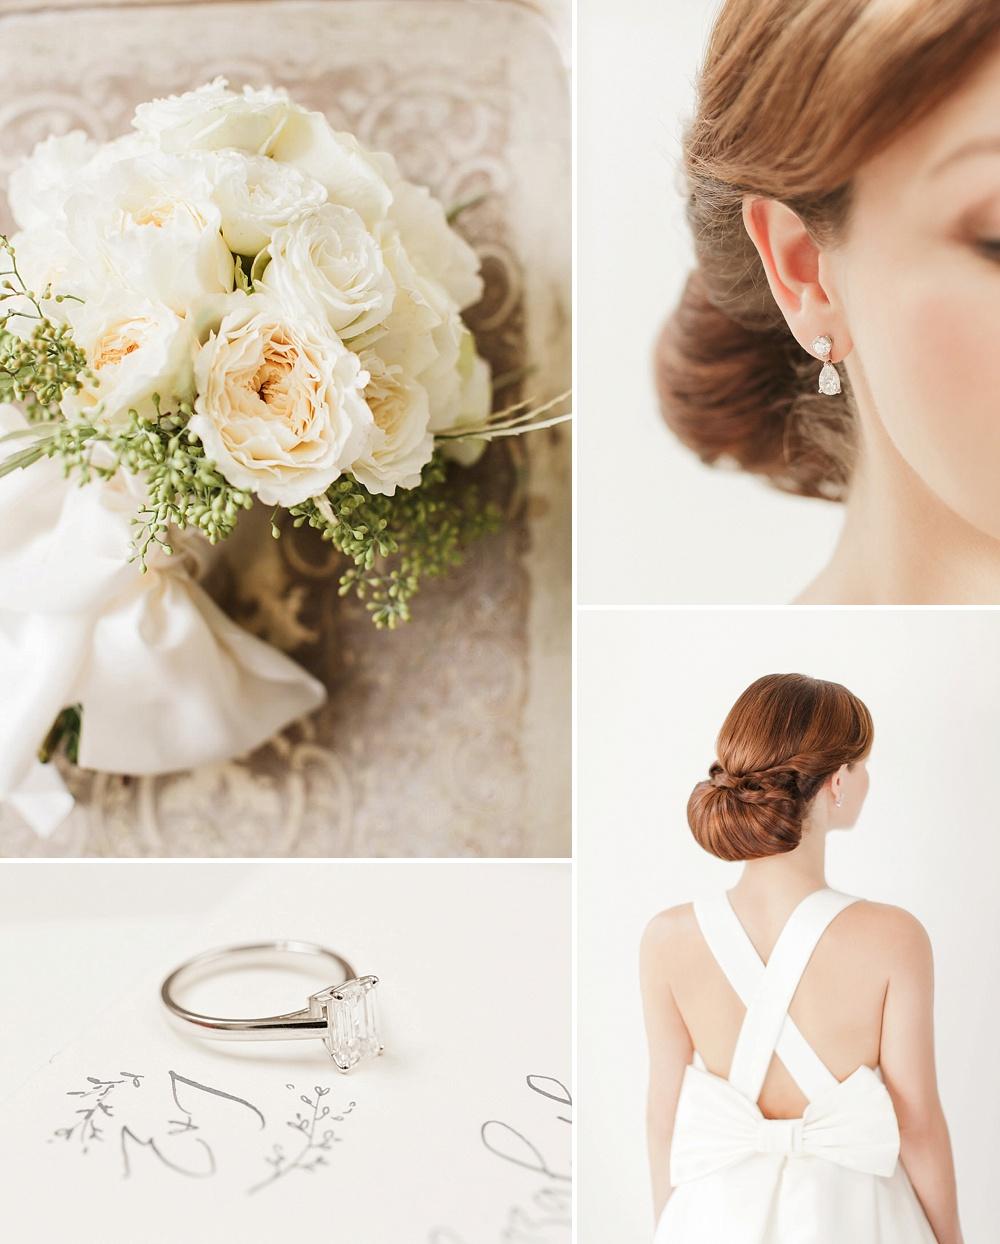 De Beers Bridal Jewellery